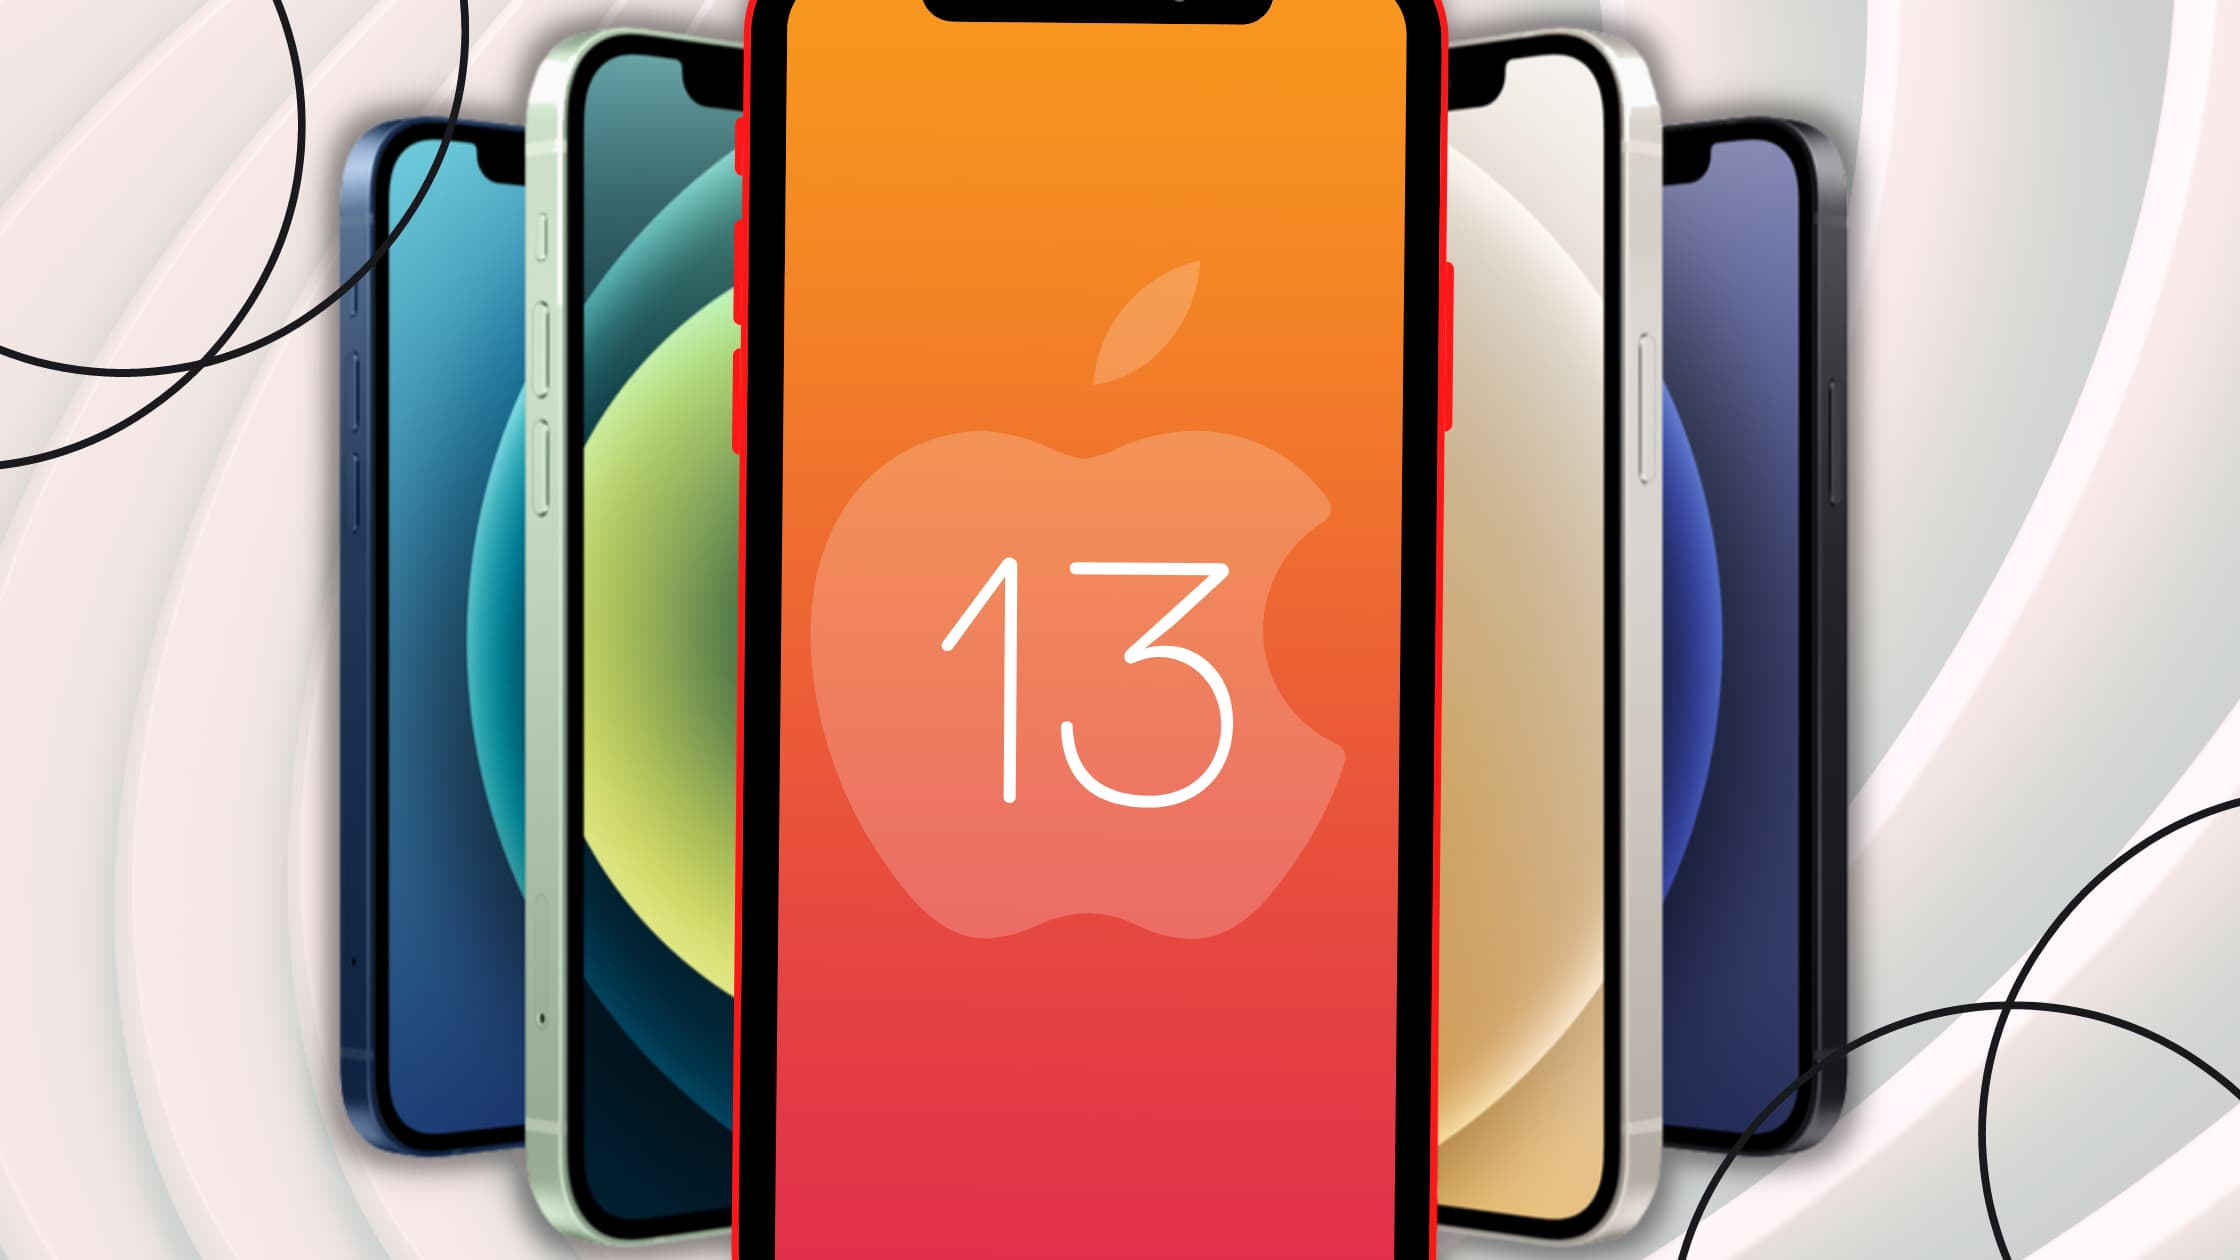 Meest gestelde vragen over nieuwe iPhone 13-serie beantwoord